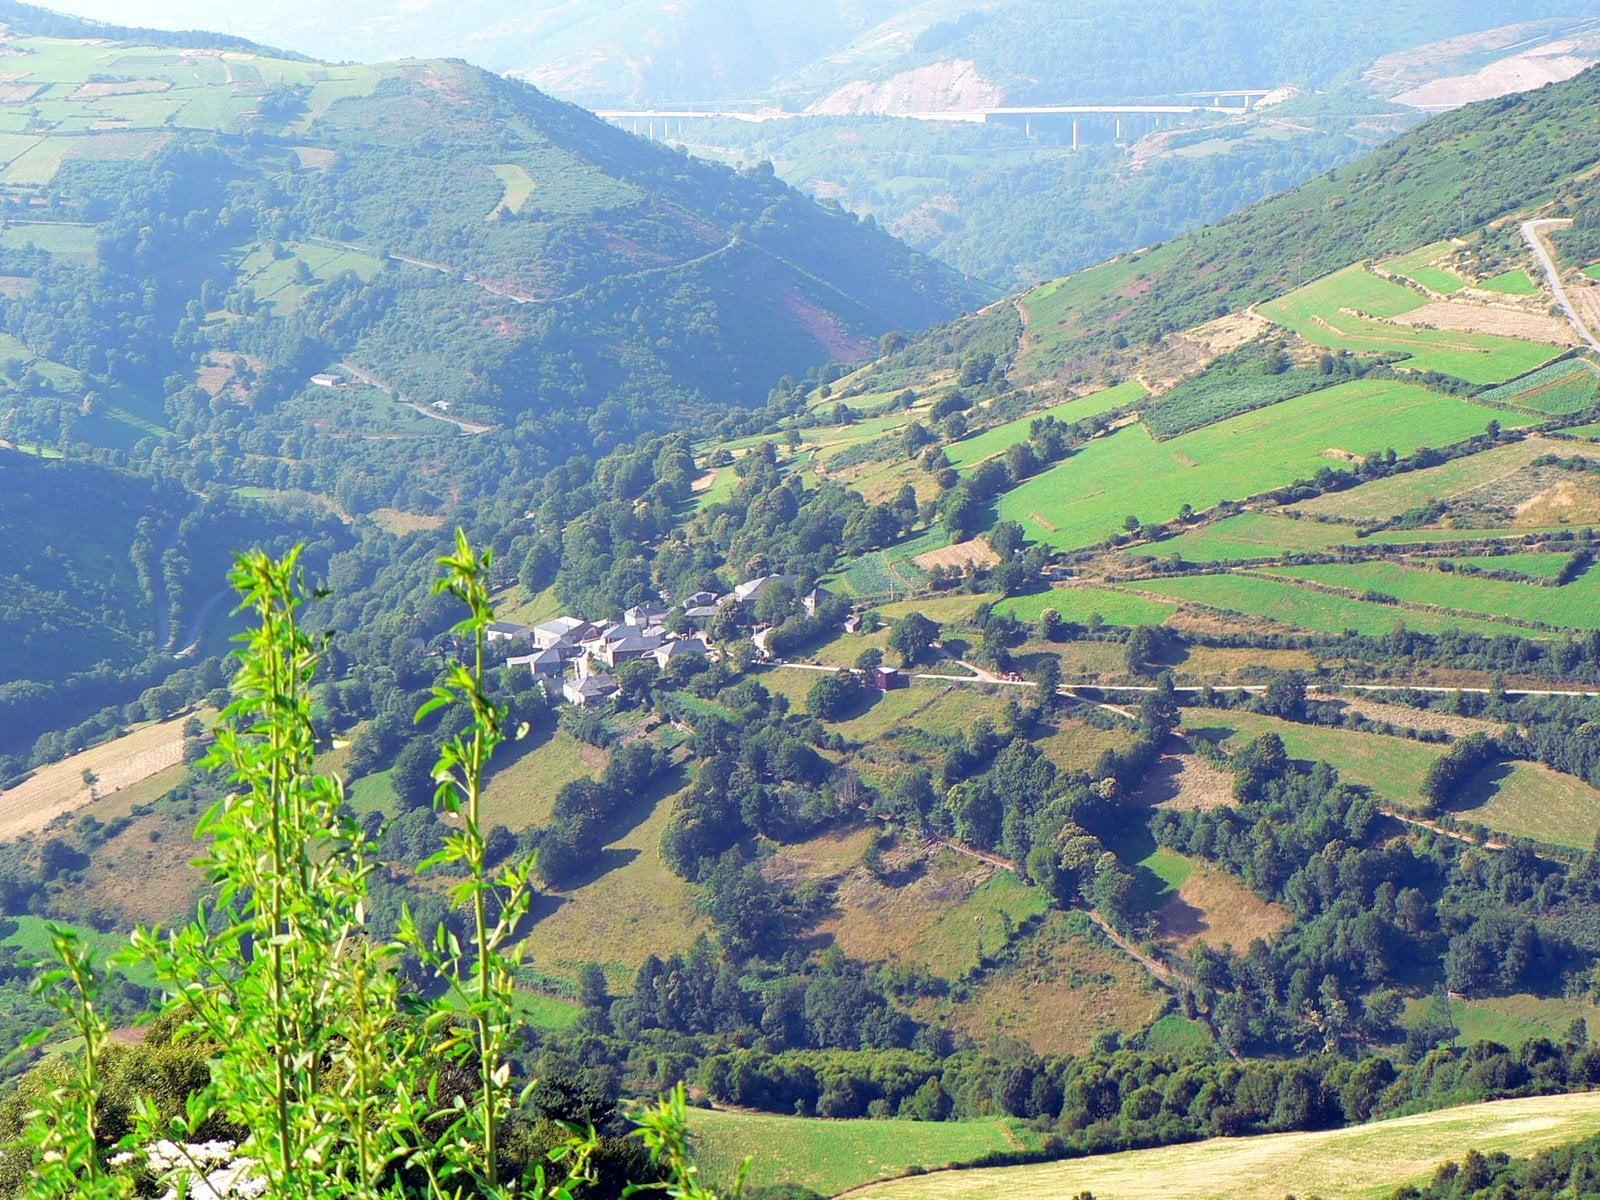 Turismo rural galicia - Turismo rural galicia con ninos ...